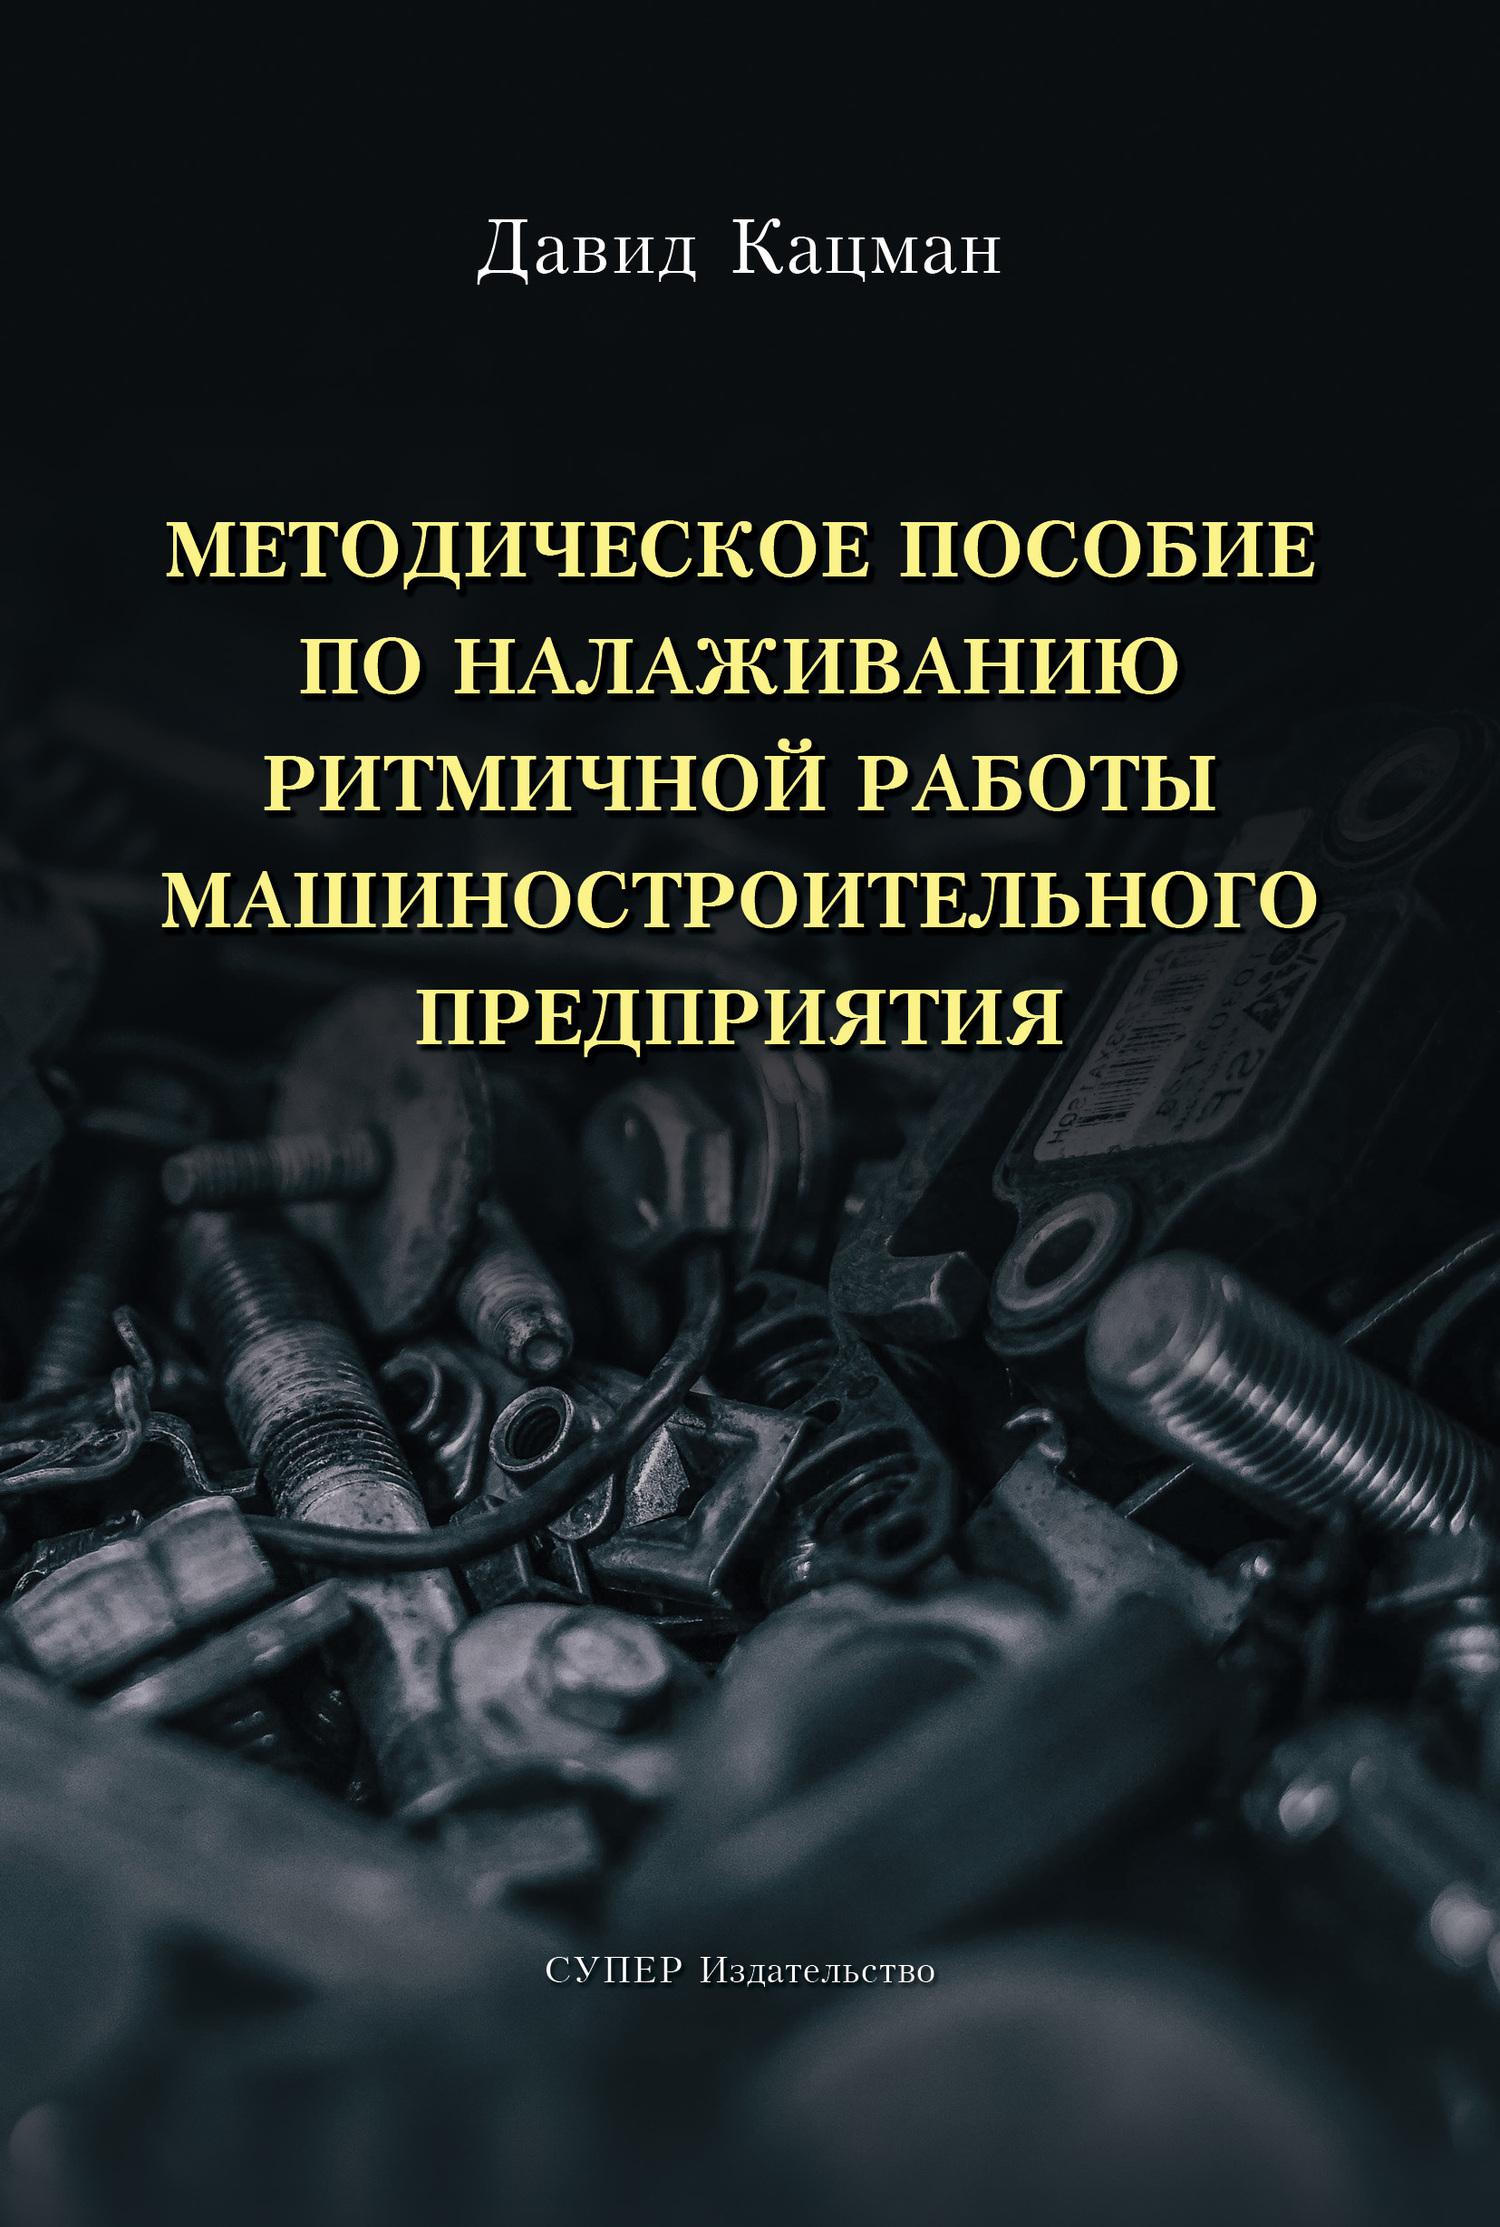 Давид Кацман Методическое пособие по налаживанию ритмичной работы машиностроительного предприятия